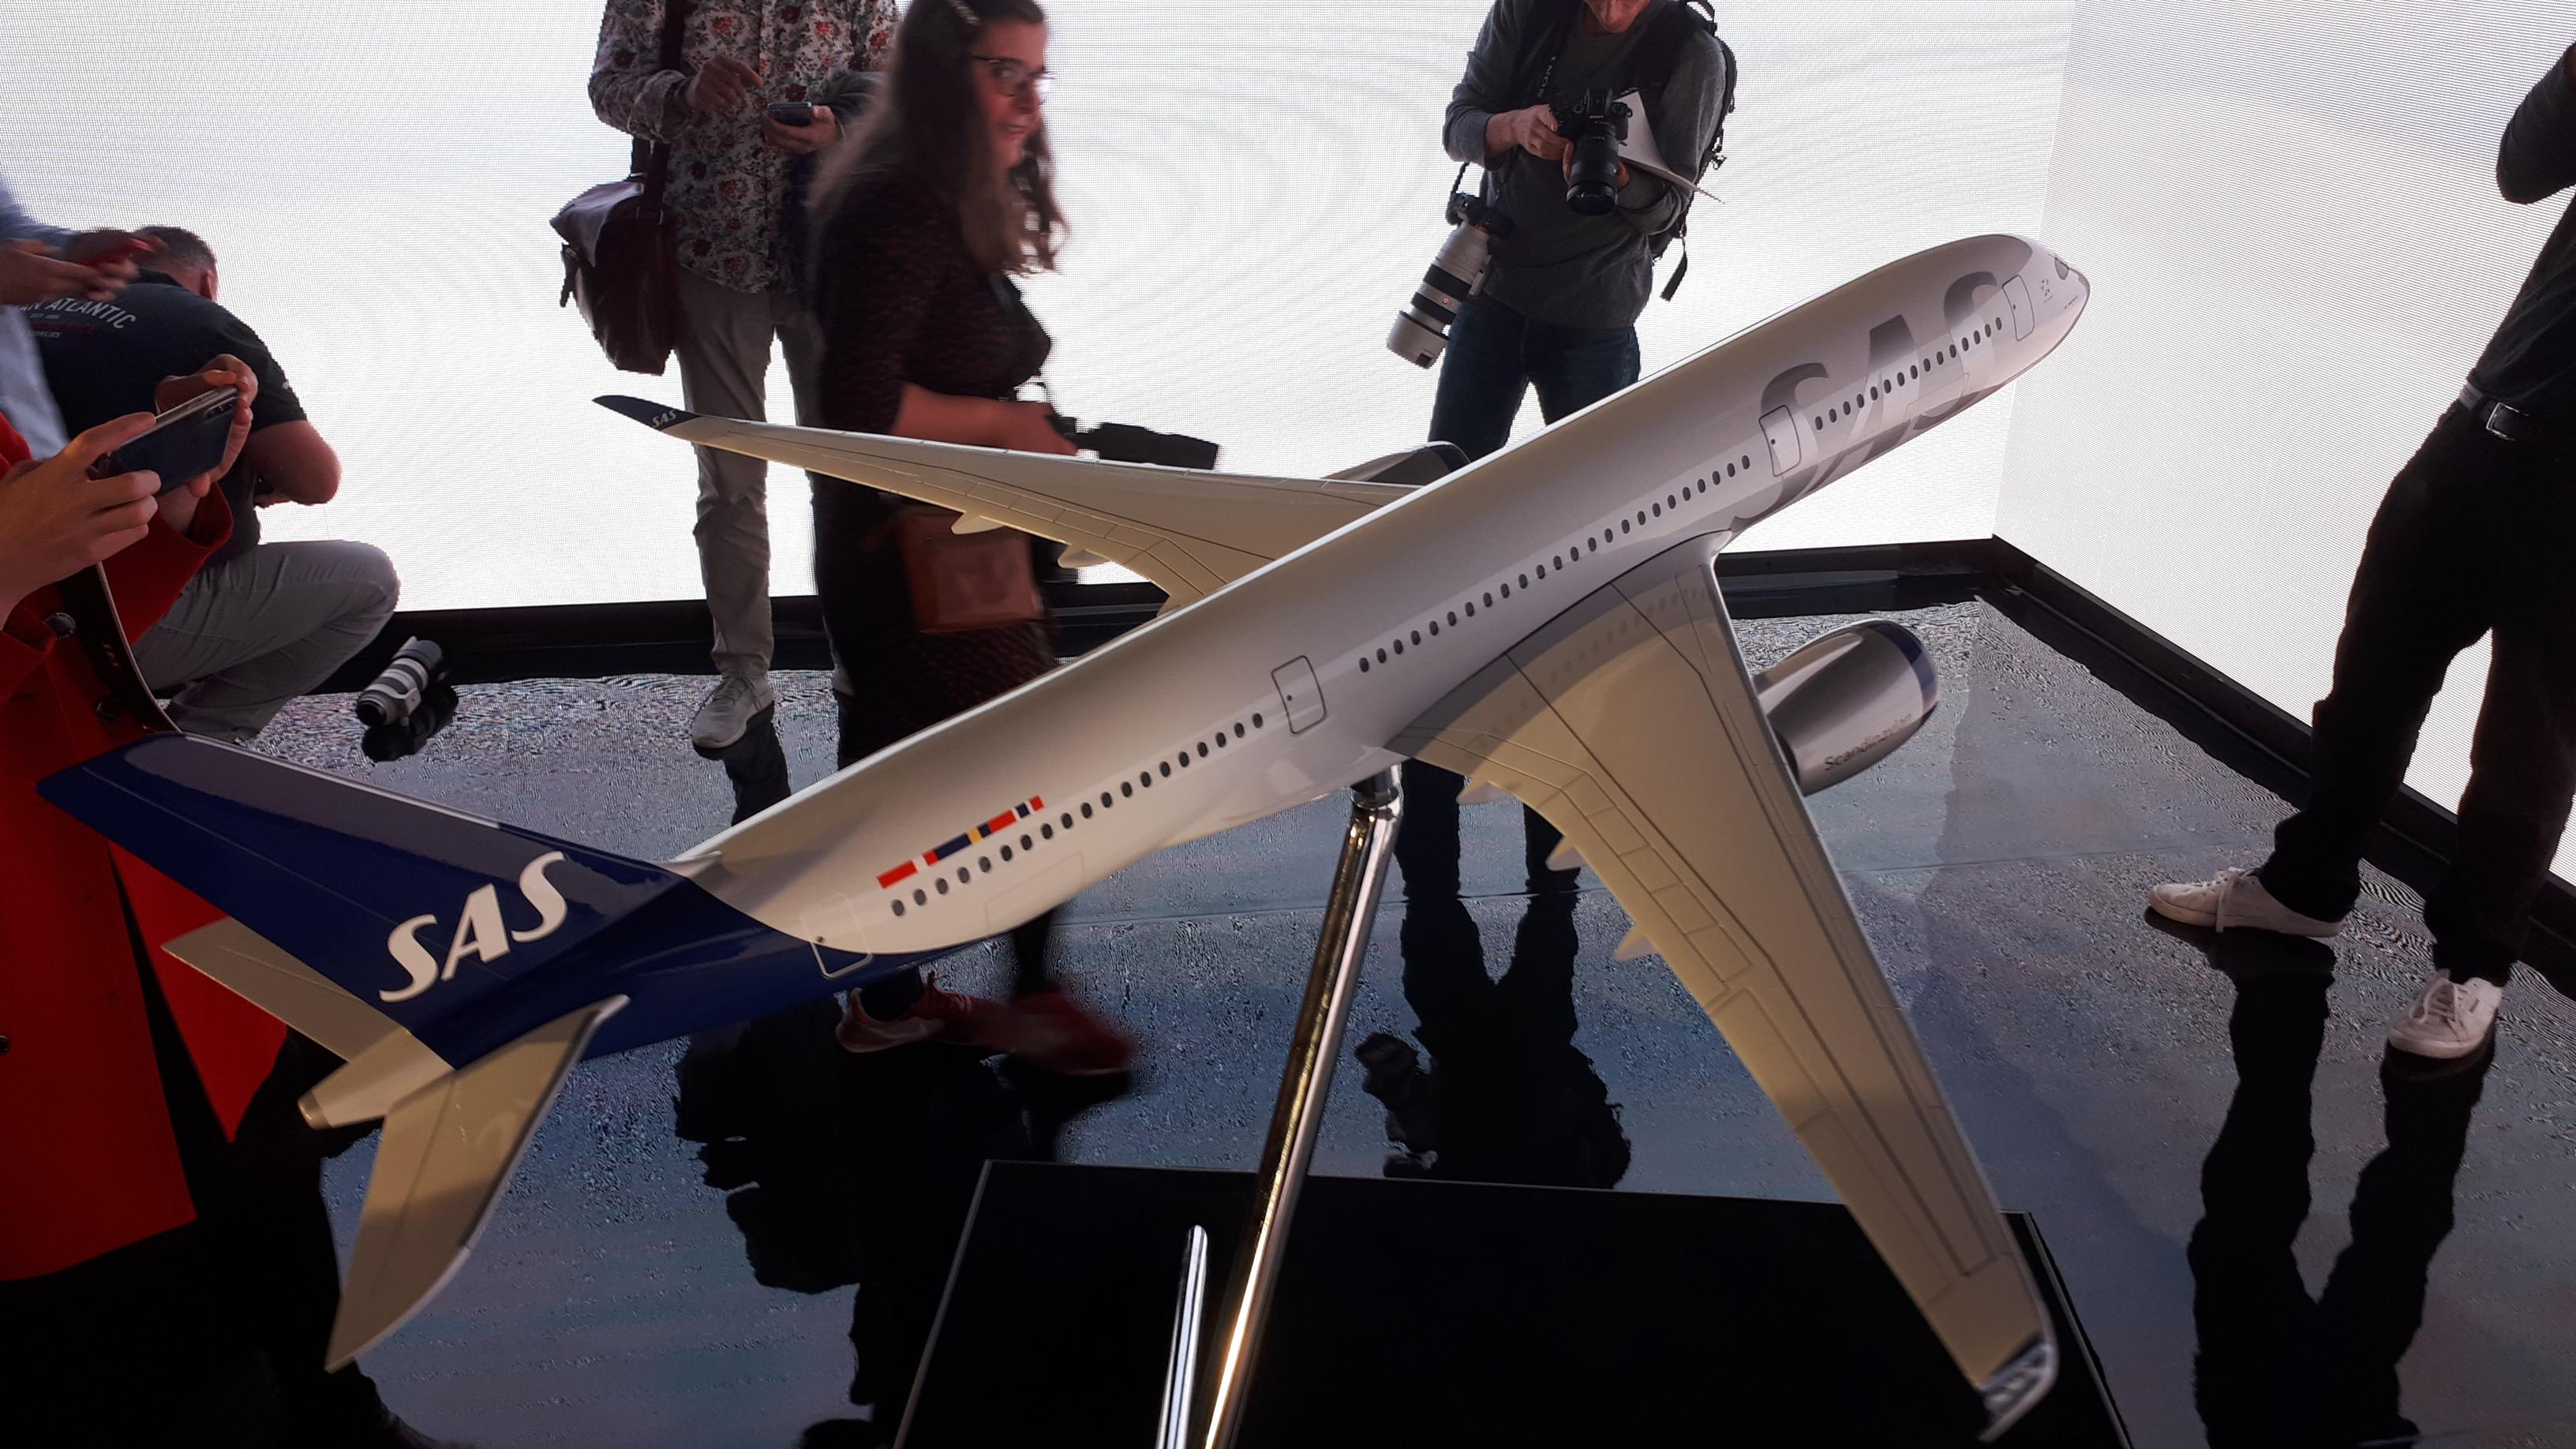 For første gang præsenterede SAS i dag sit nye flydesign – her omkranses modellen af en Airbus A350-900 af pressefotografer ved dagens præsentation på Royal-hotel i København. Foto: Henrik Baumgarten.